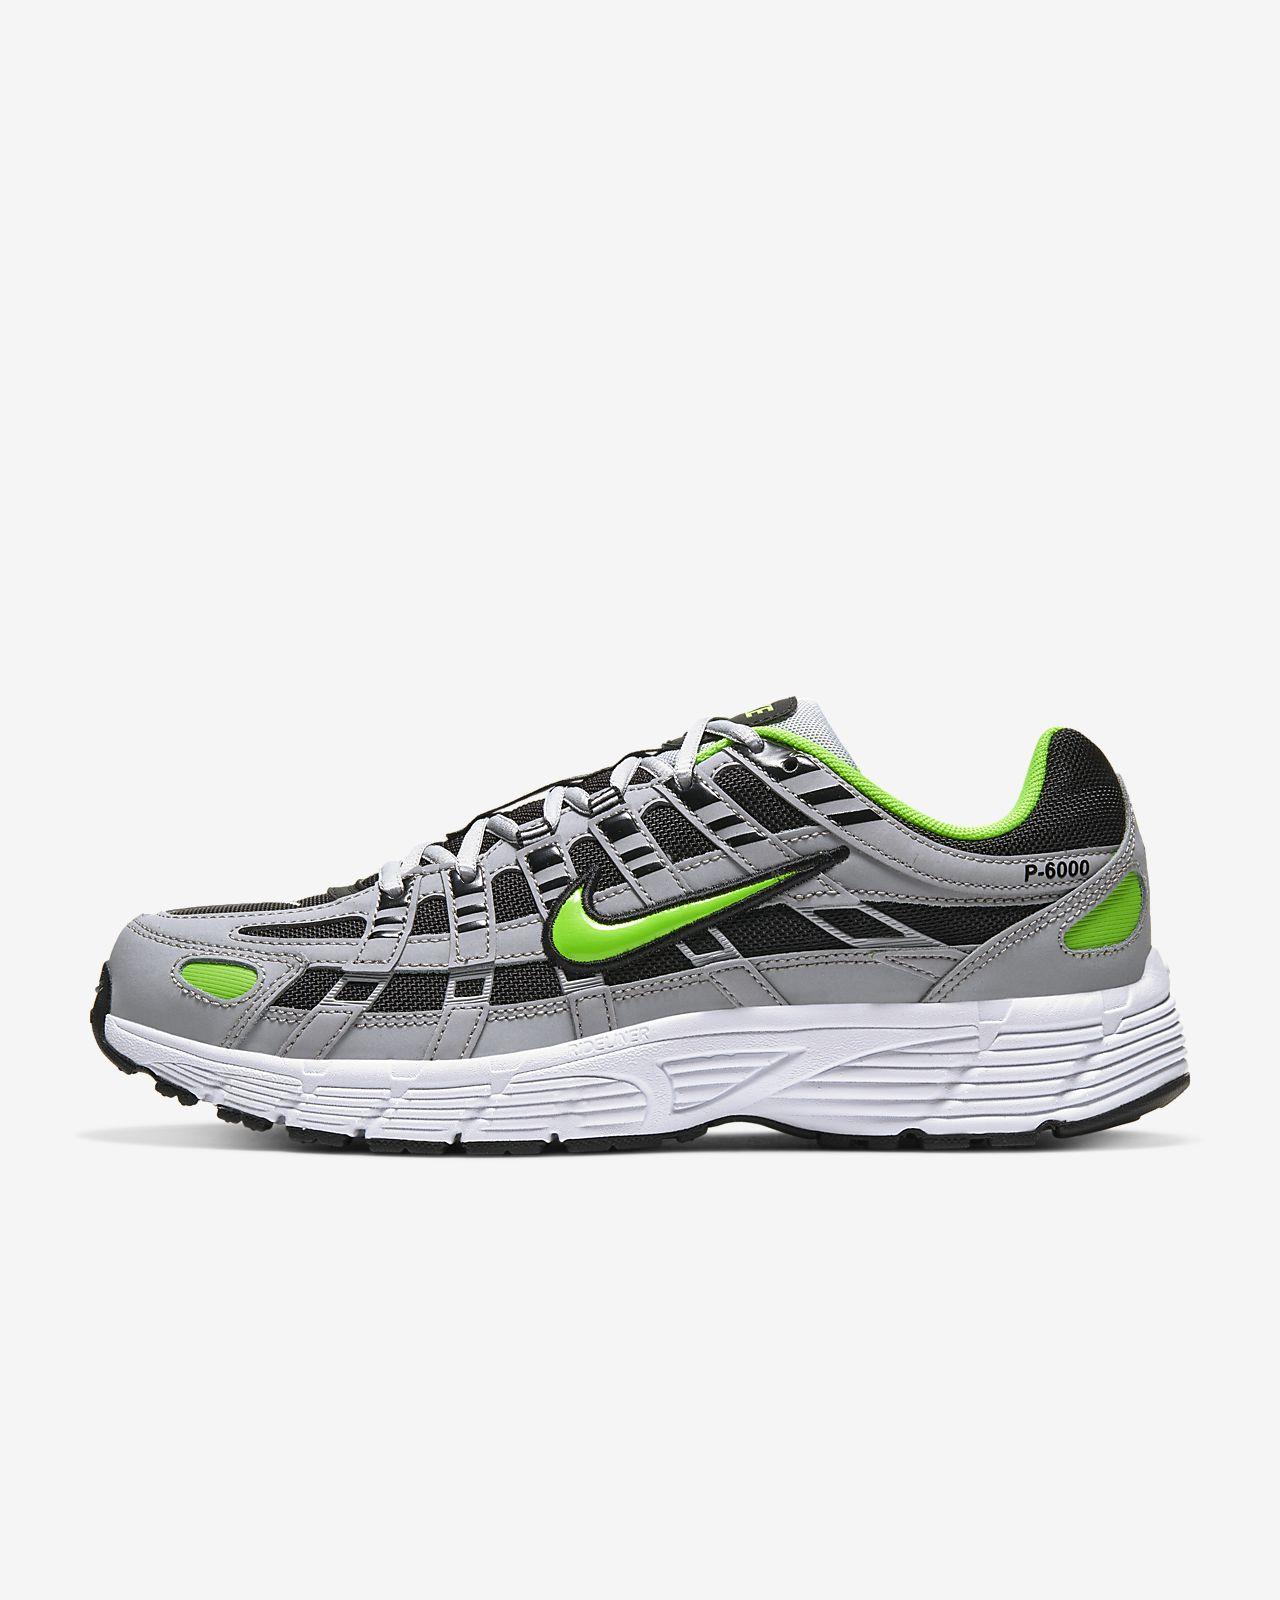 Nike P-6000 Zapatillas